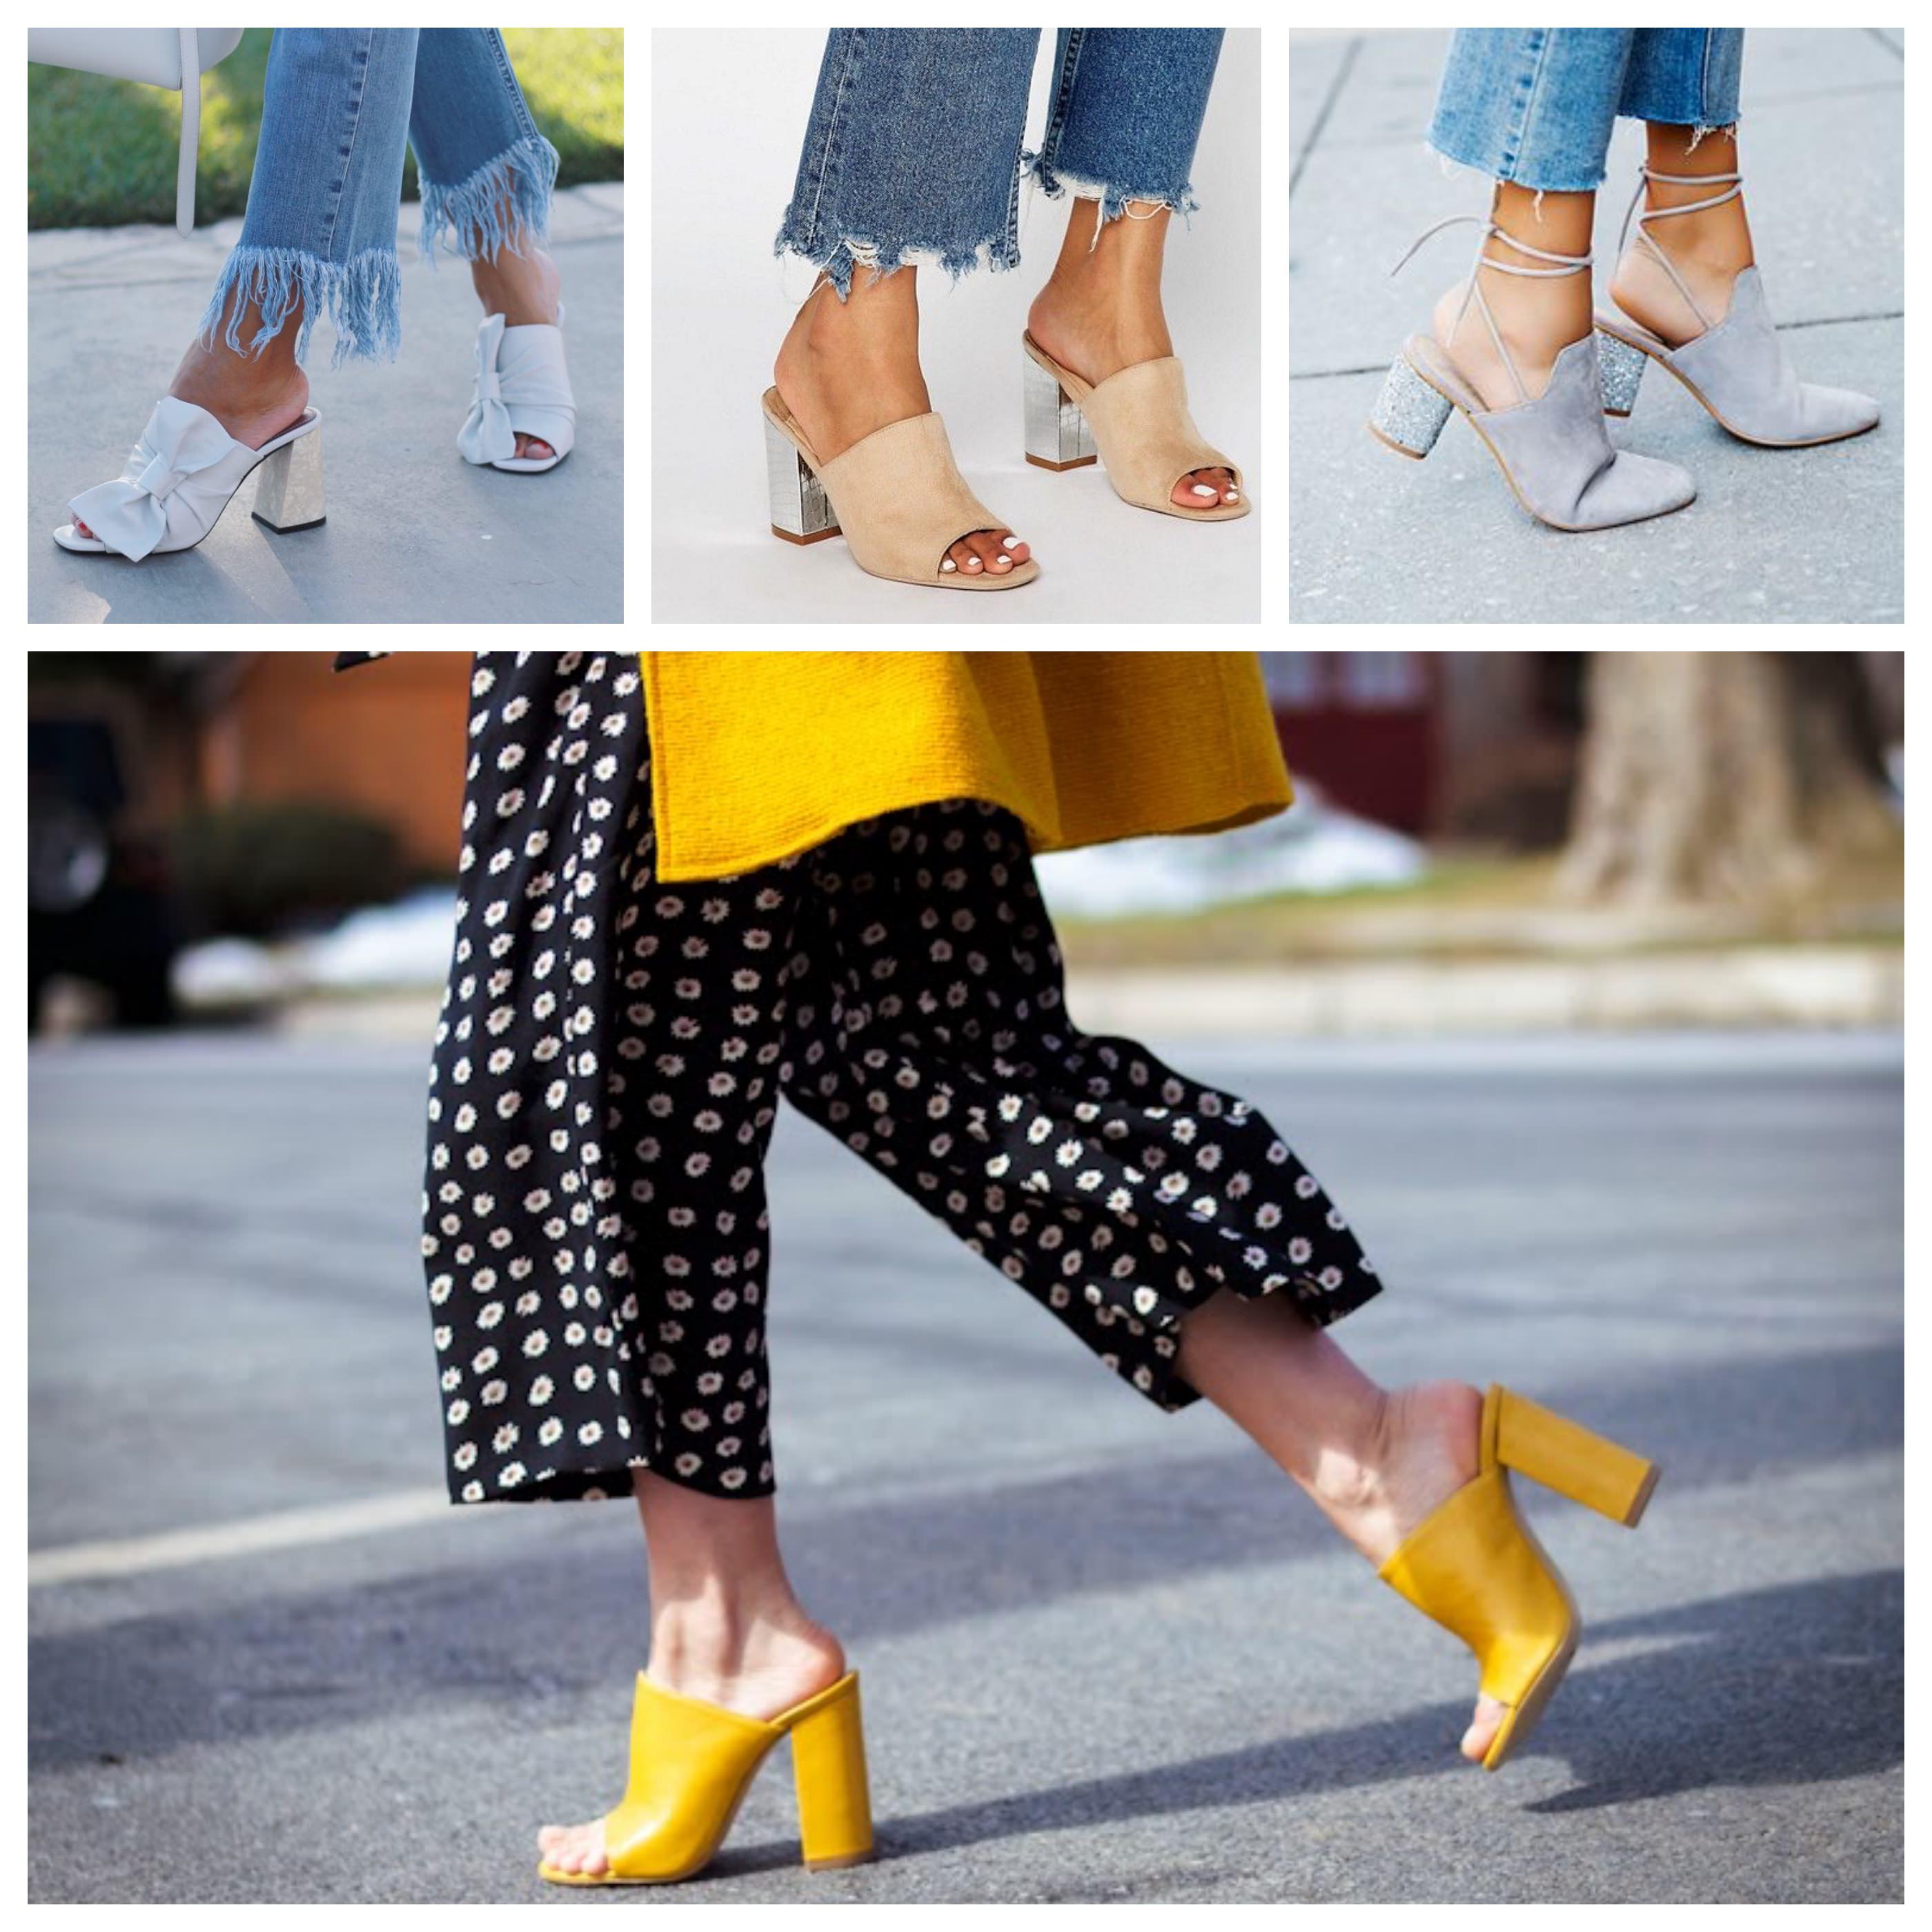 zapatos deportivos fb246 35054 Mules ¿con o sin tacón? | Mi Vestido Azul